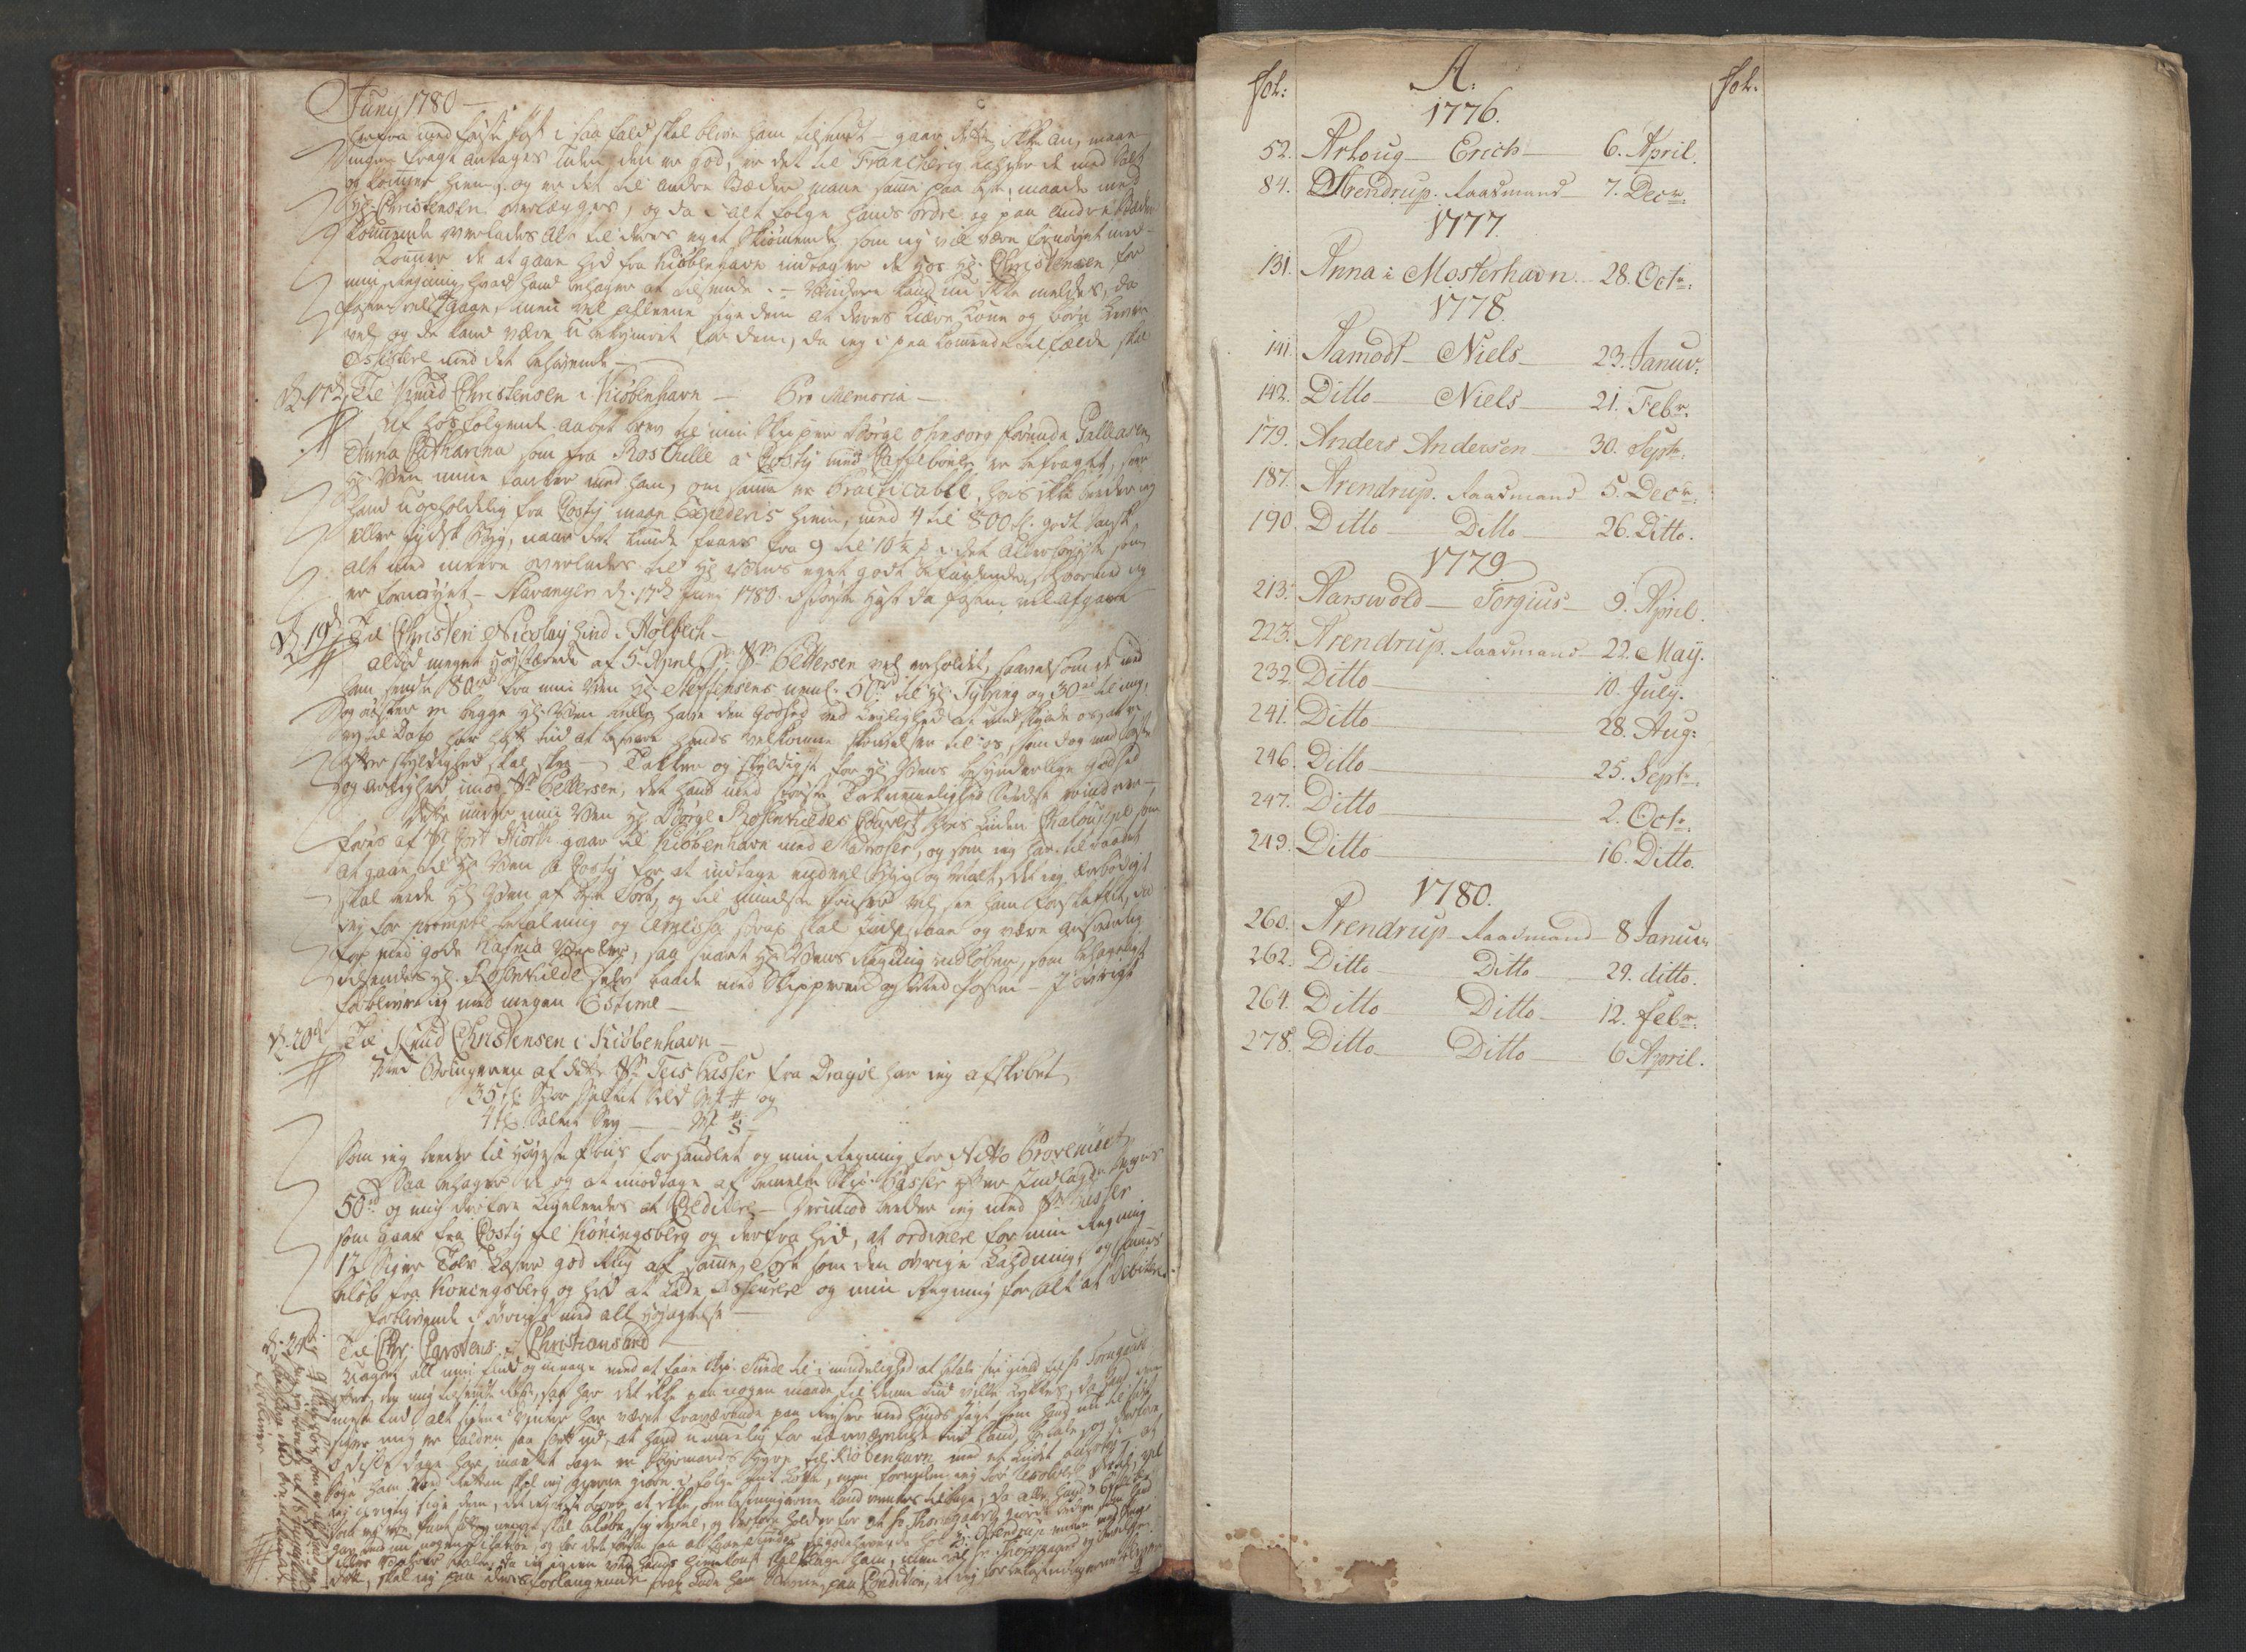 SAST, Pa 0003 - Ploug & Sundt, handelshuset, B/L0003: Kopibok, 1775-1780, s. 286b-upag.